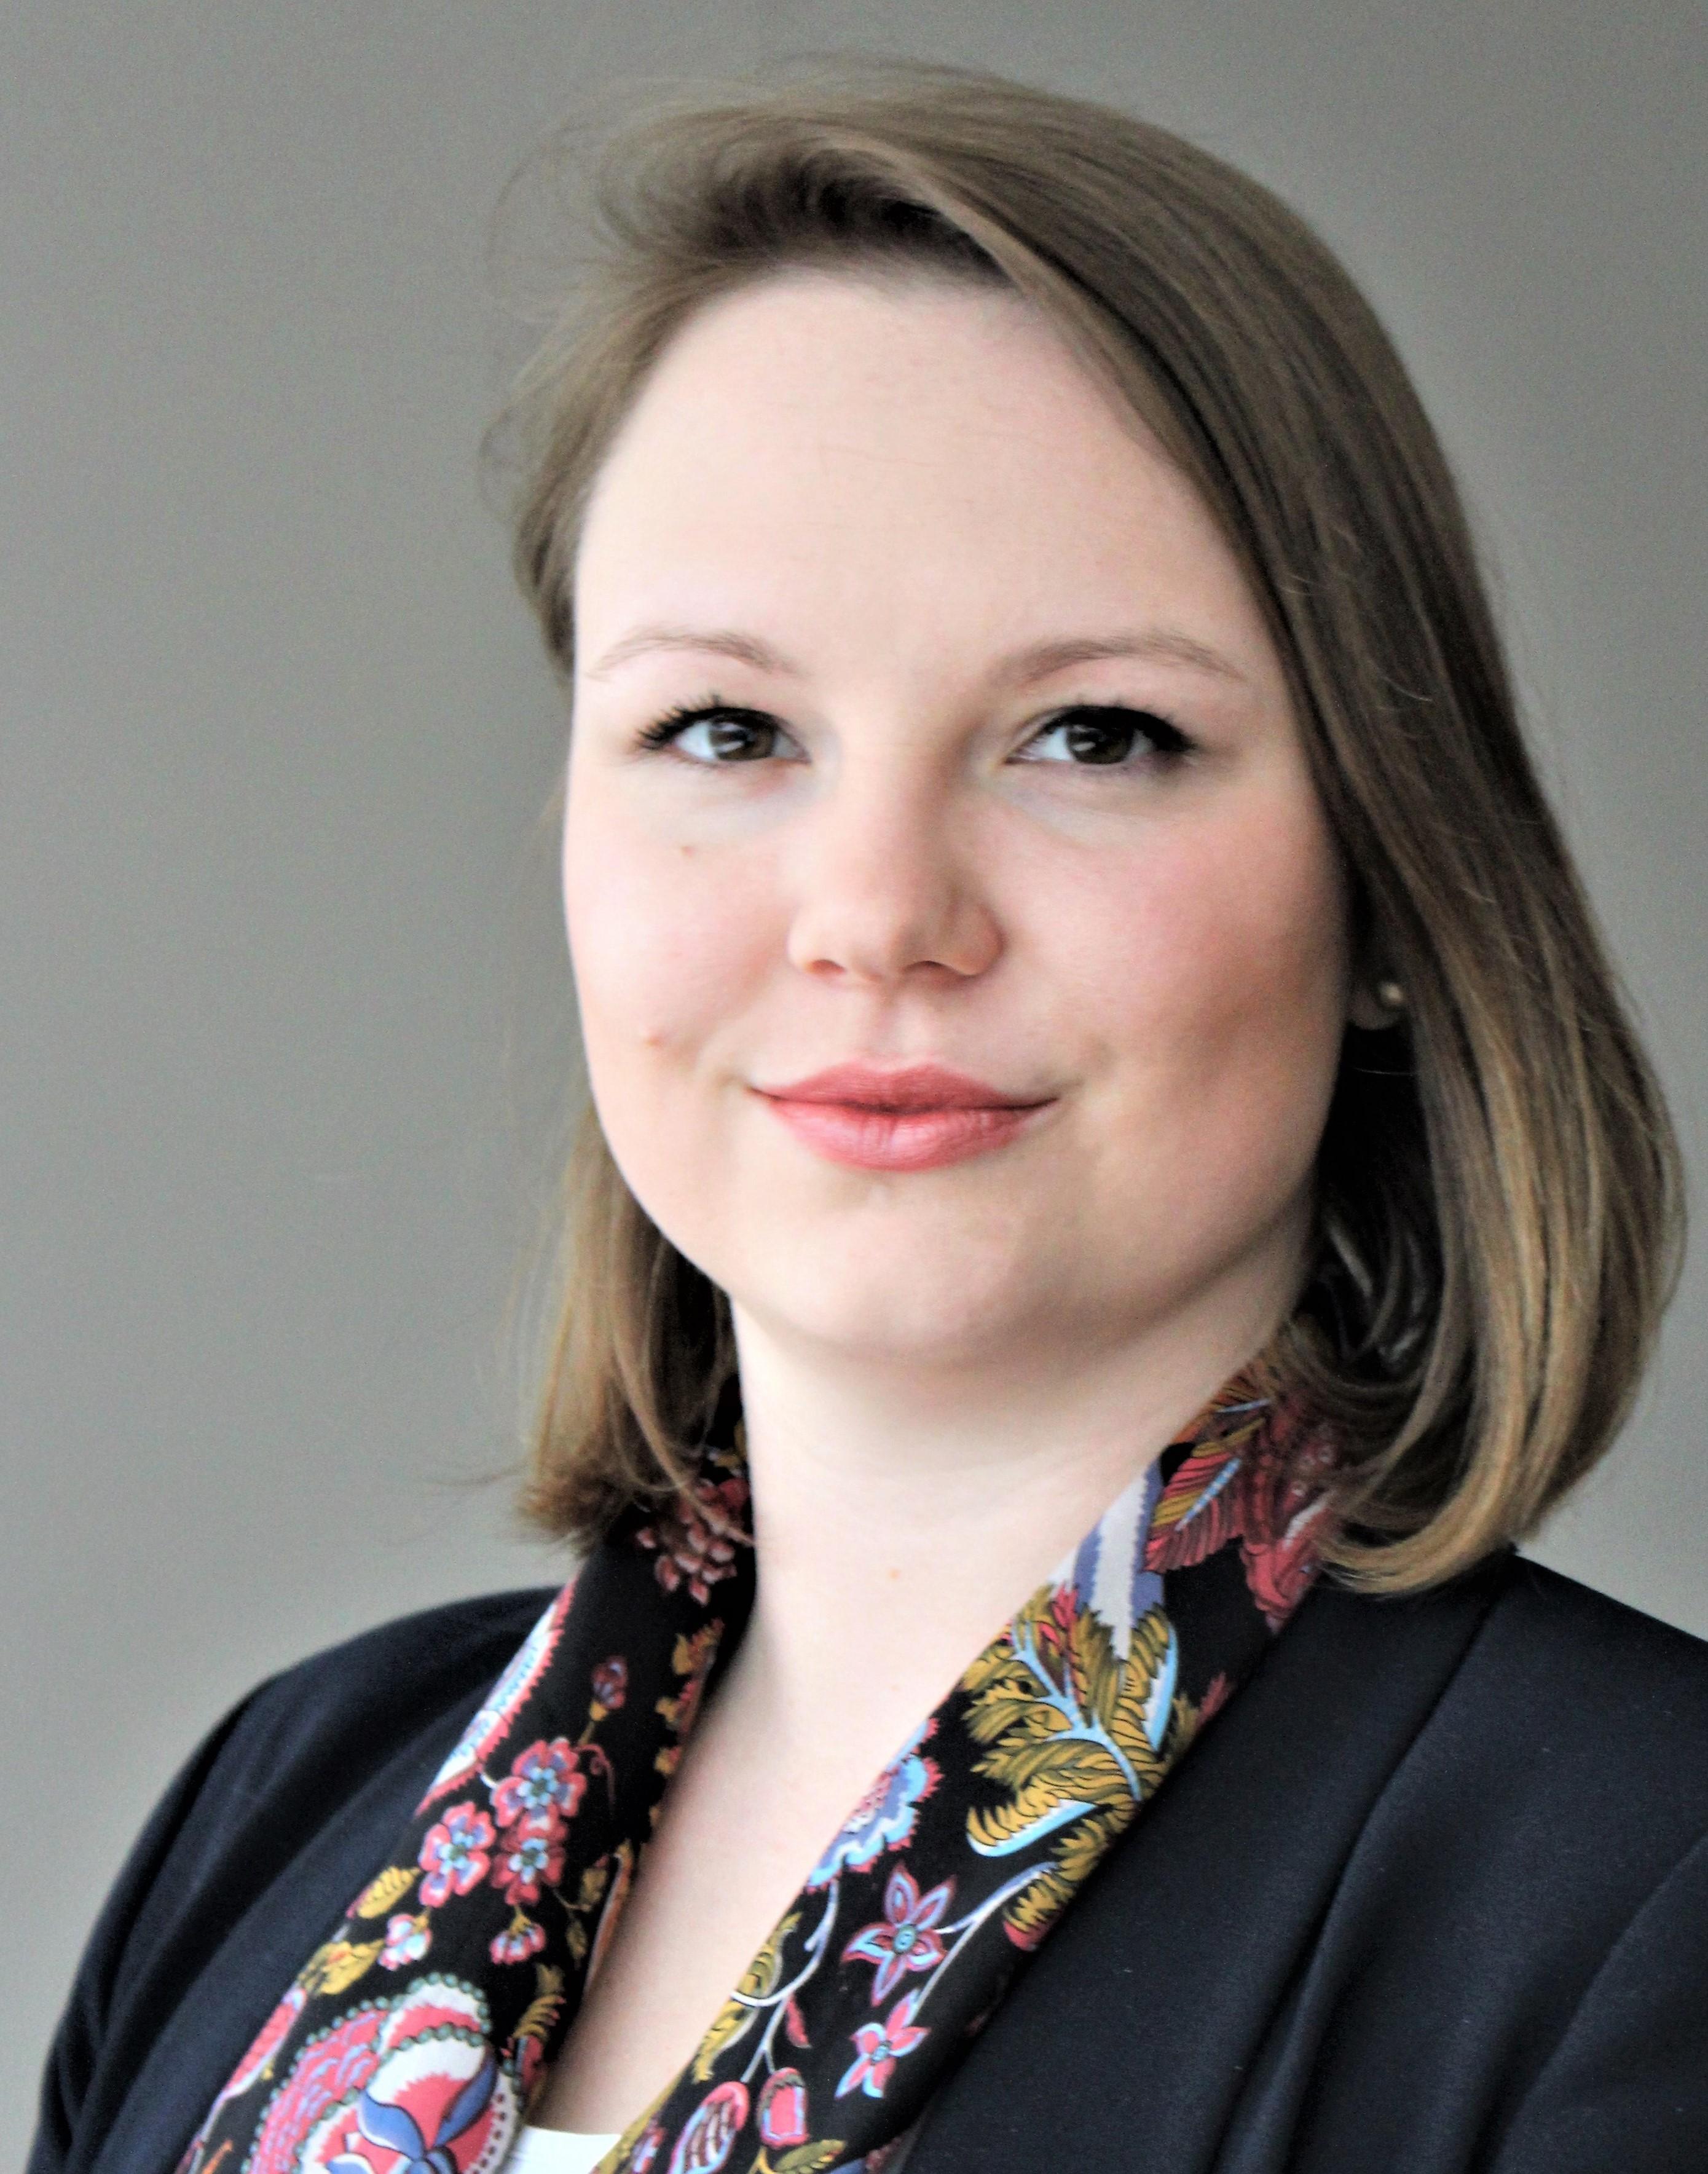 Natalie Staniewicz